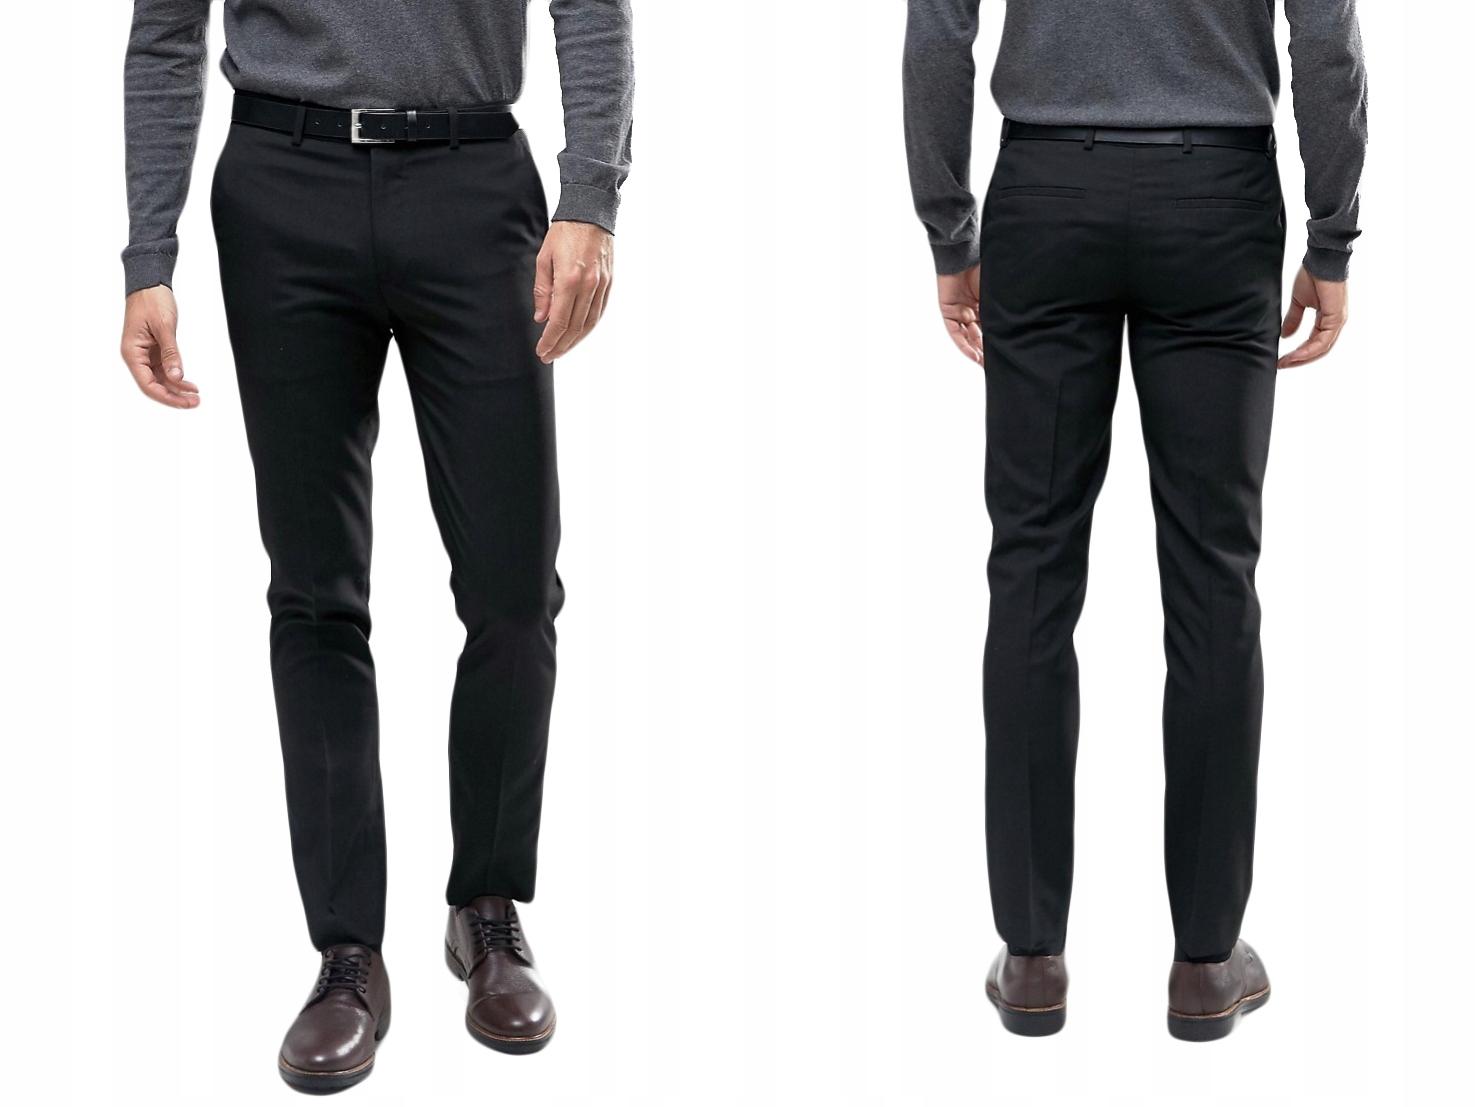 River Island Spodnie męskie czarne W28 L30